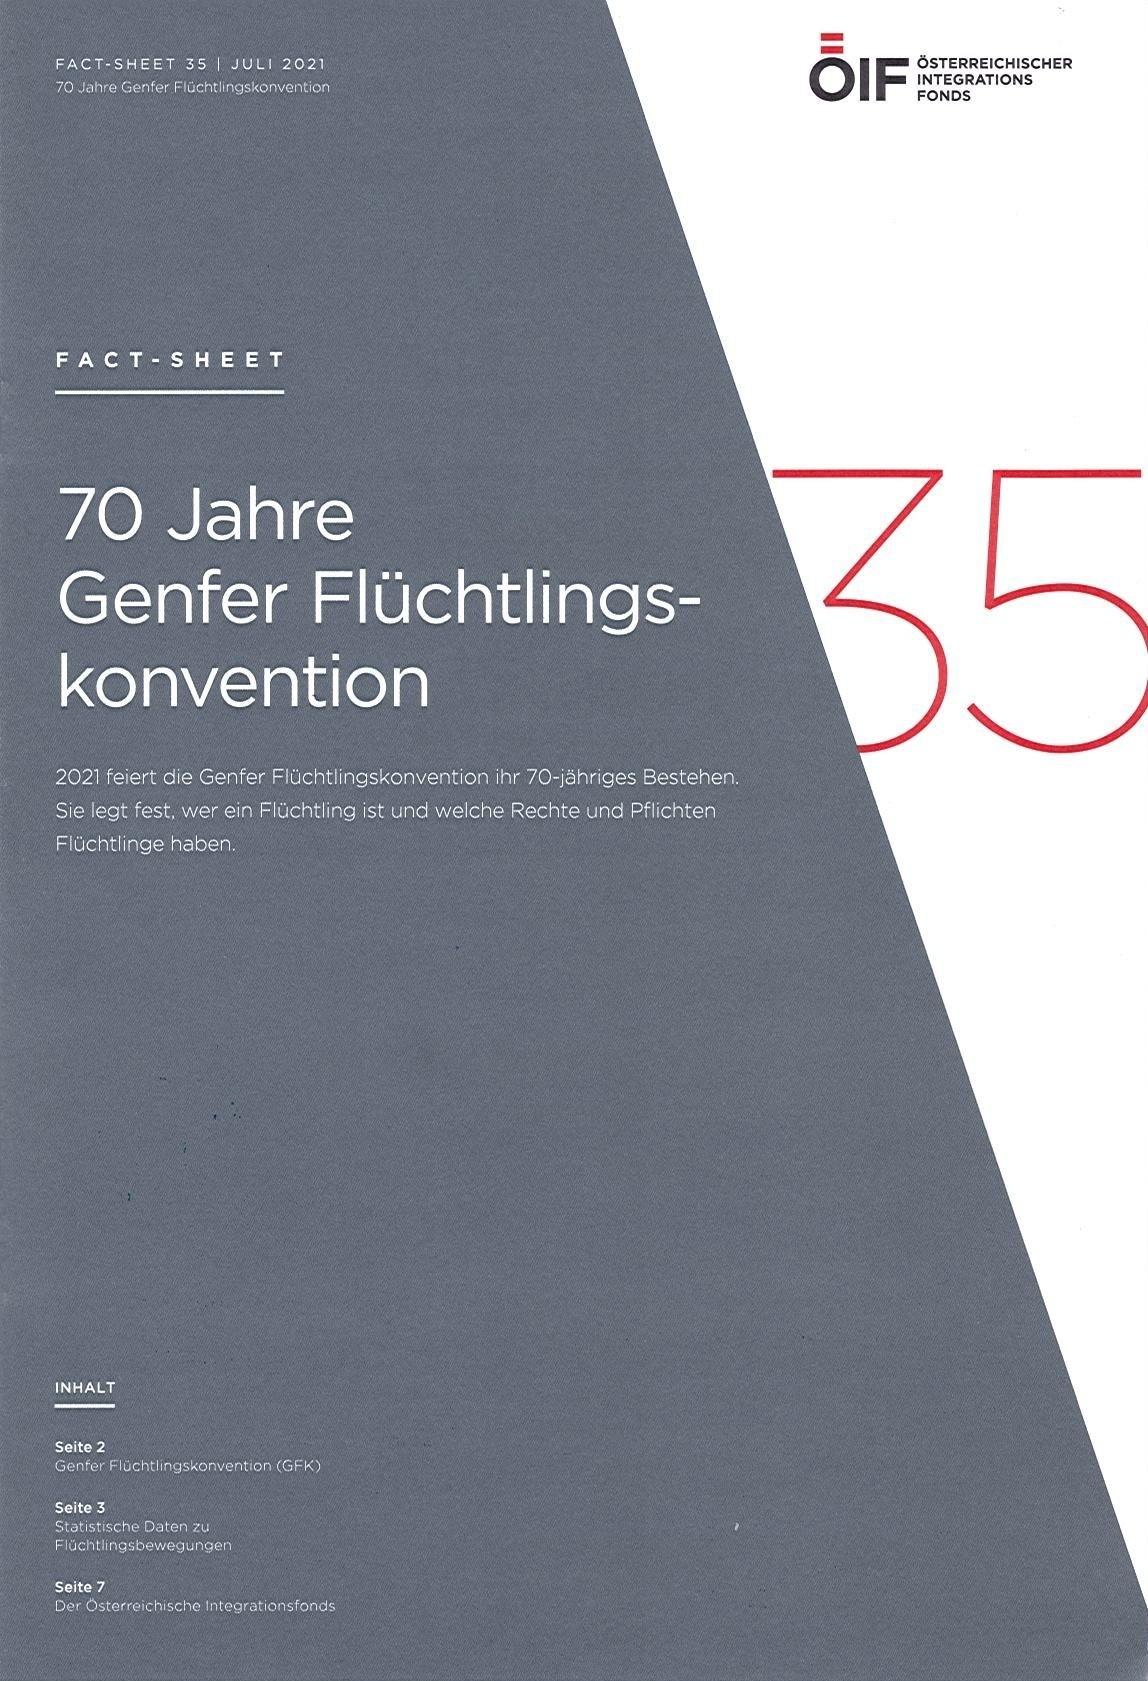 70 Jahre Genfer Flüchtlingskonvention